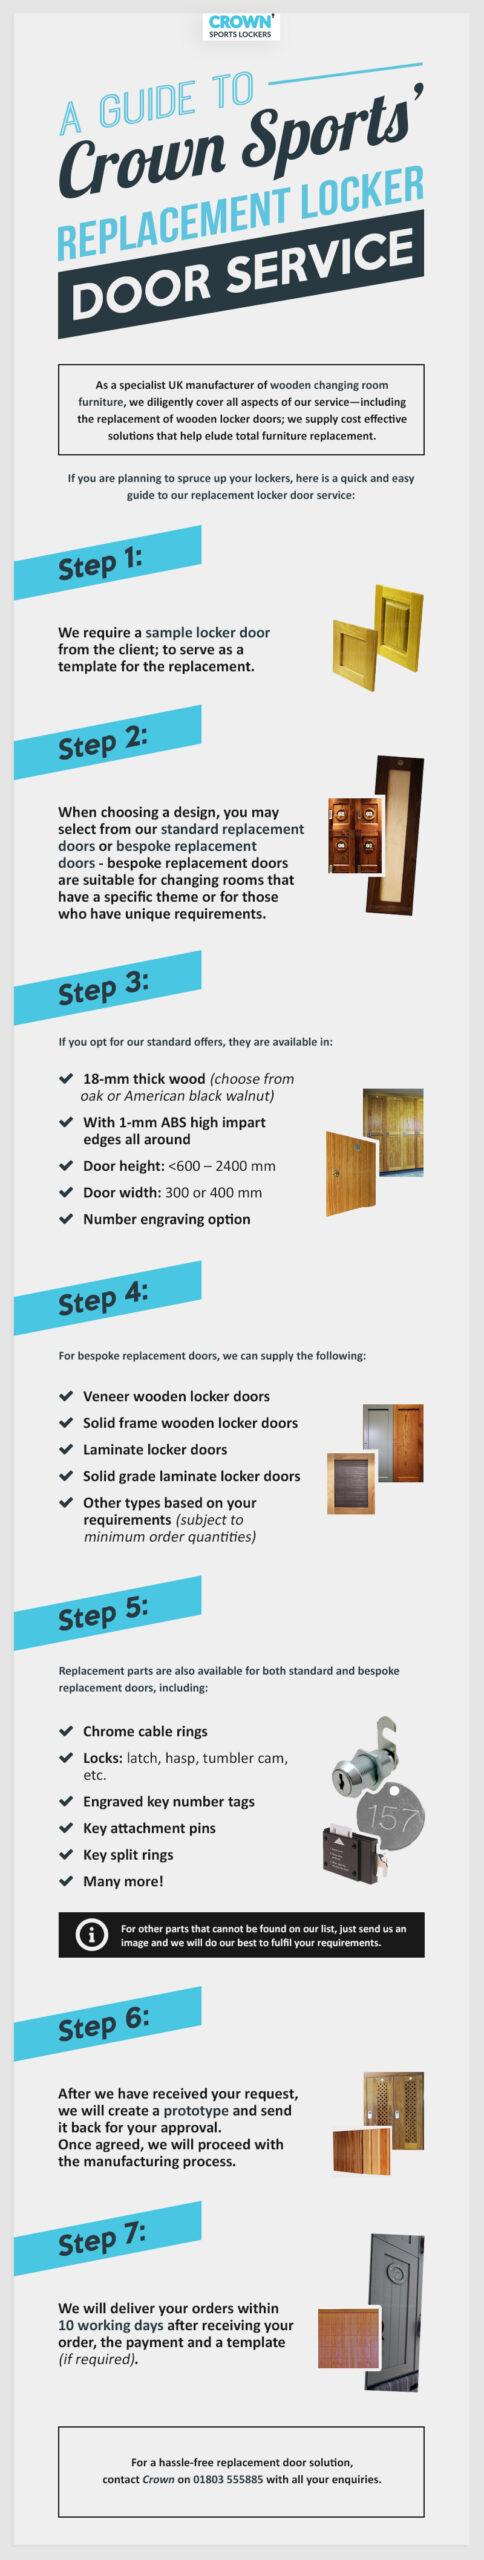 replacement locker door service